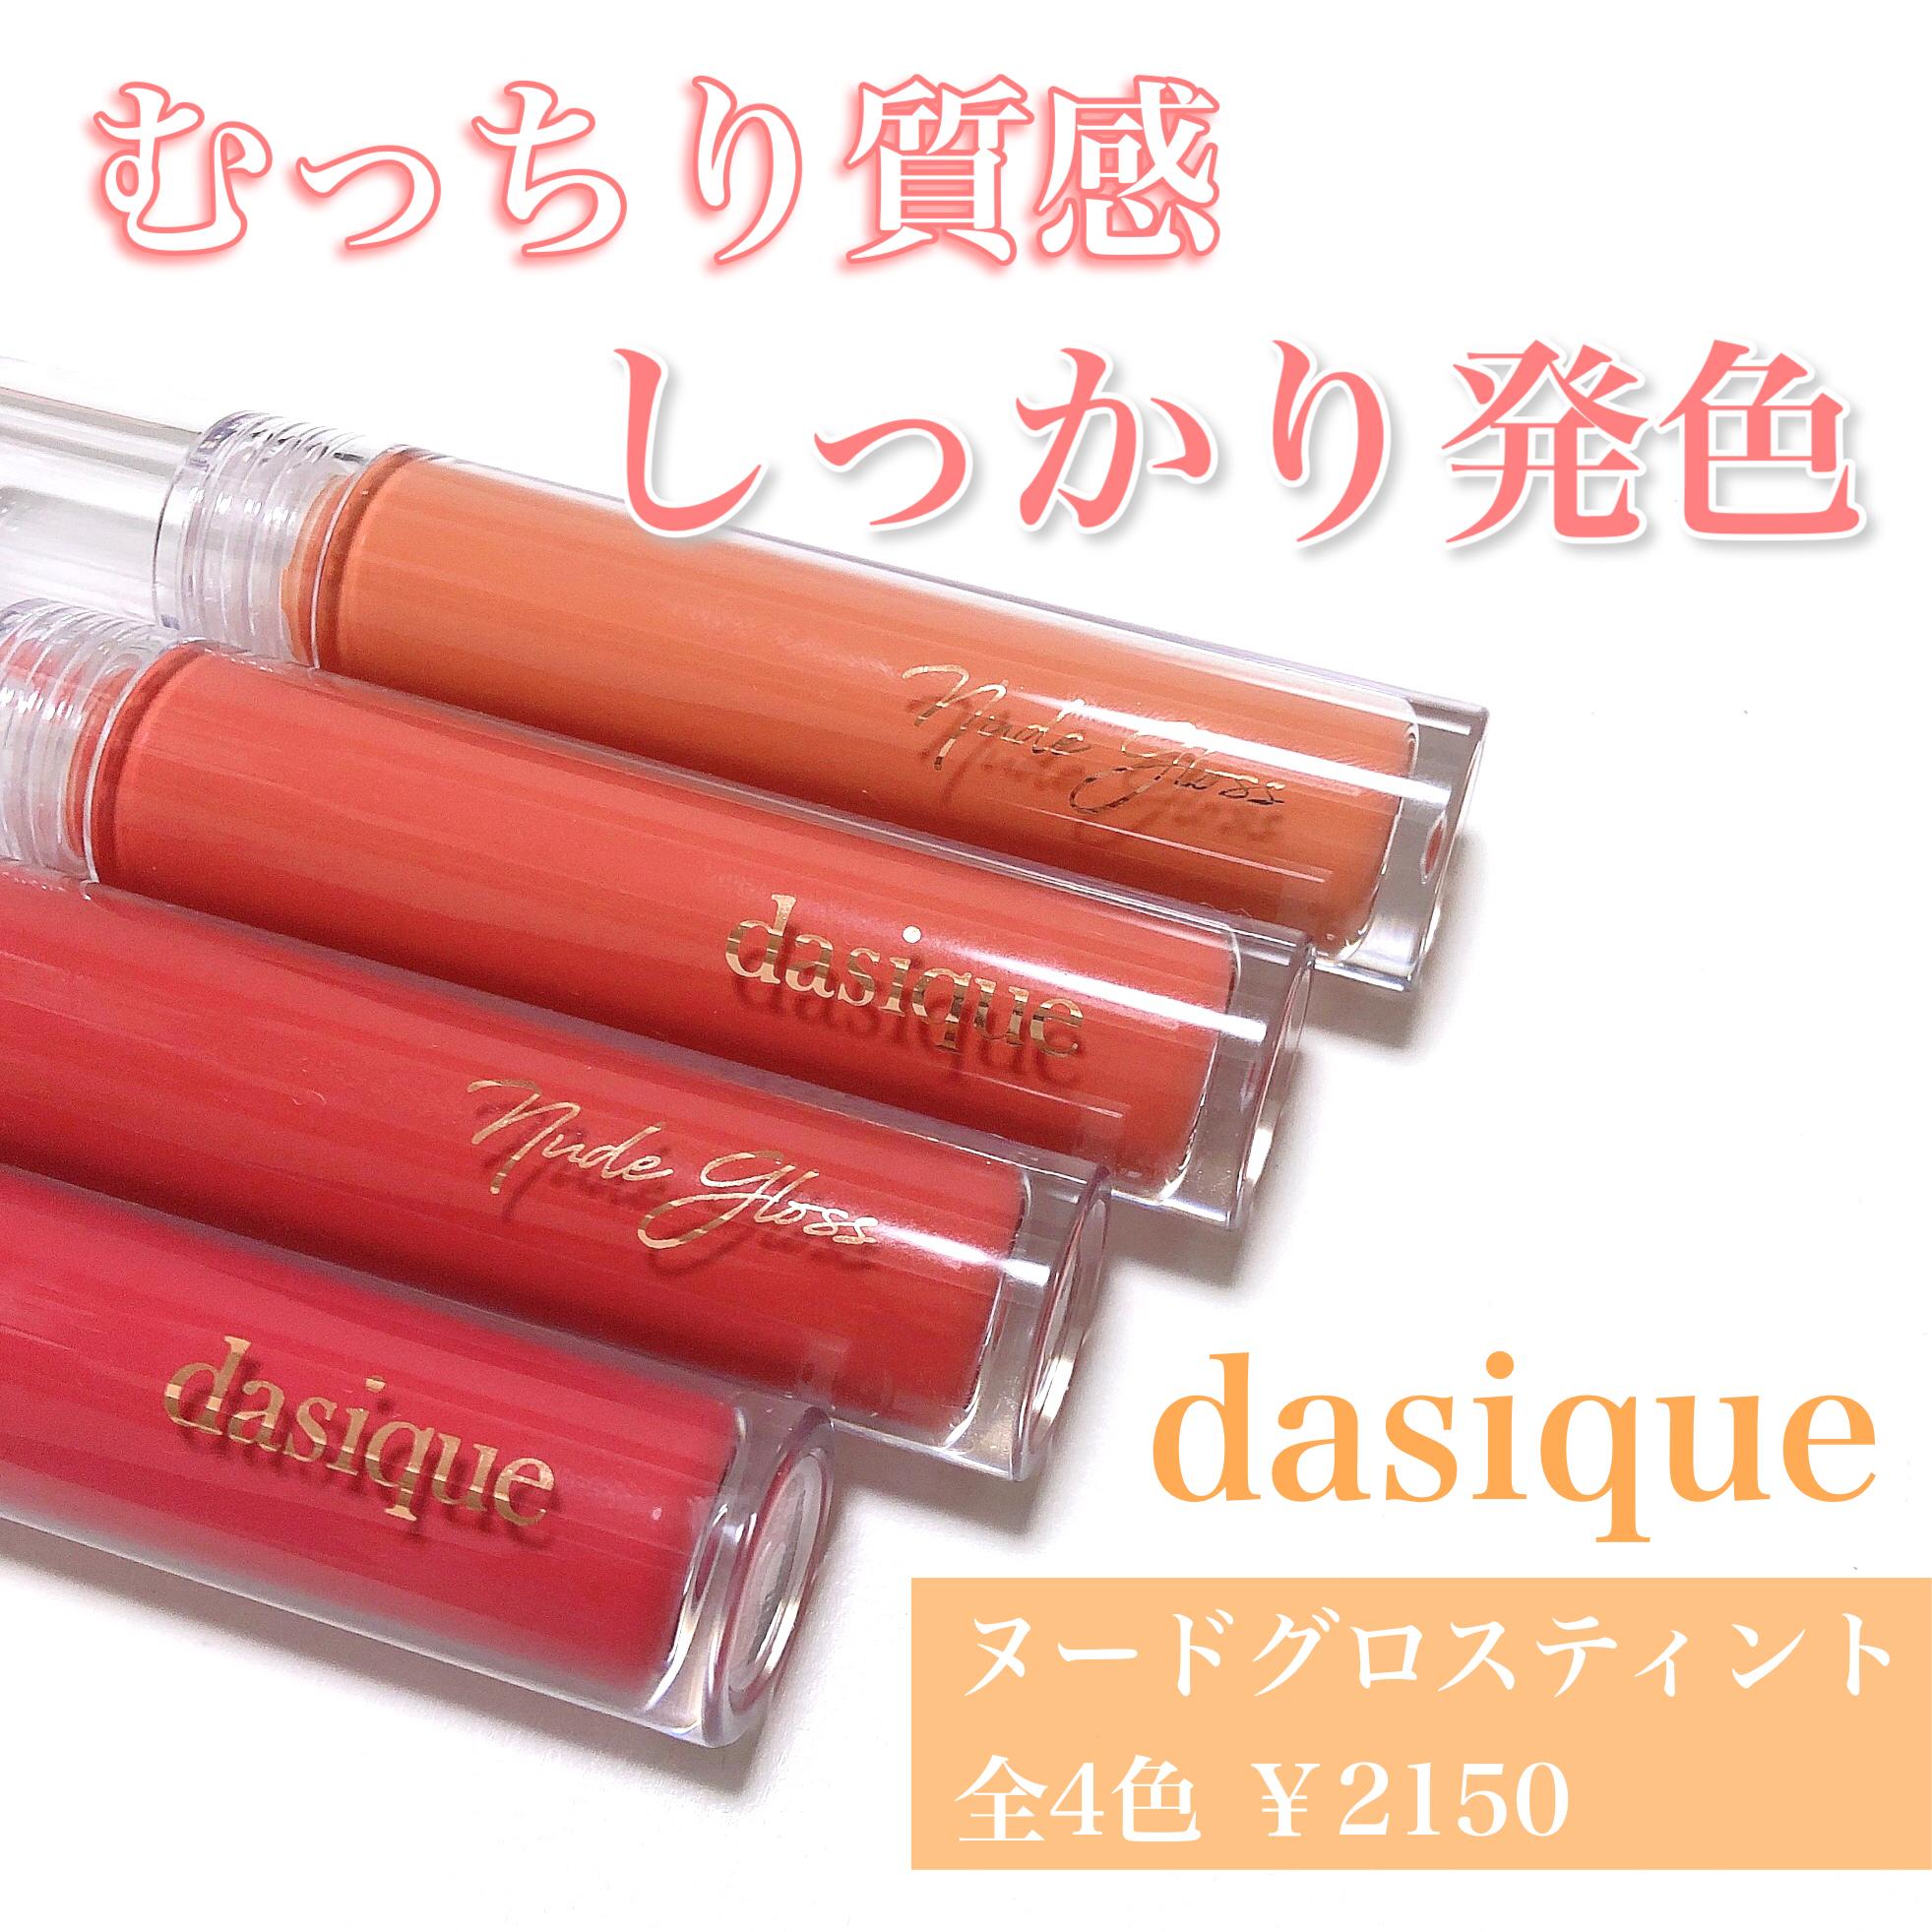 【韓国コスメ】デイジークから潤う艶っぽグロスティントが発売💗